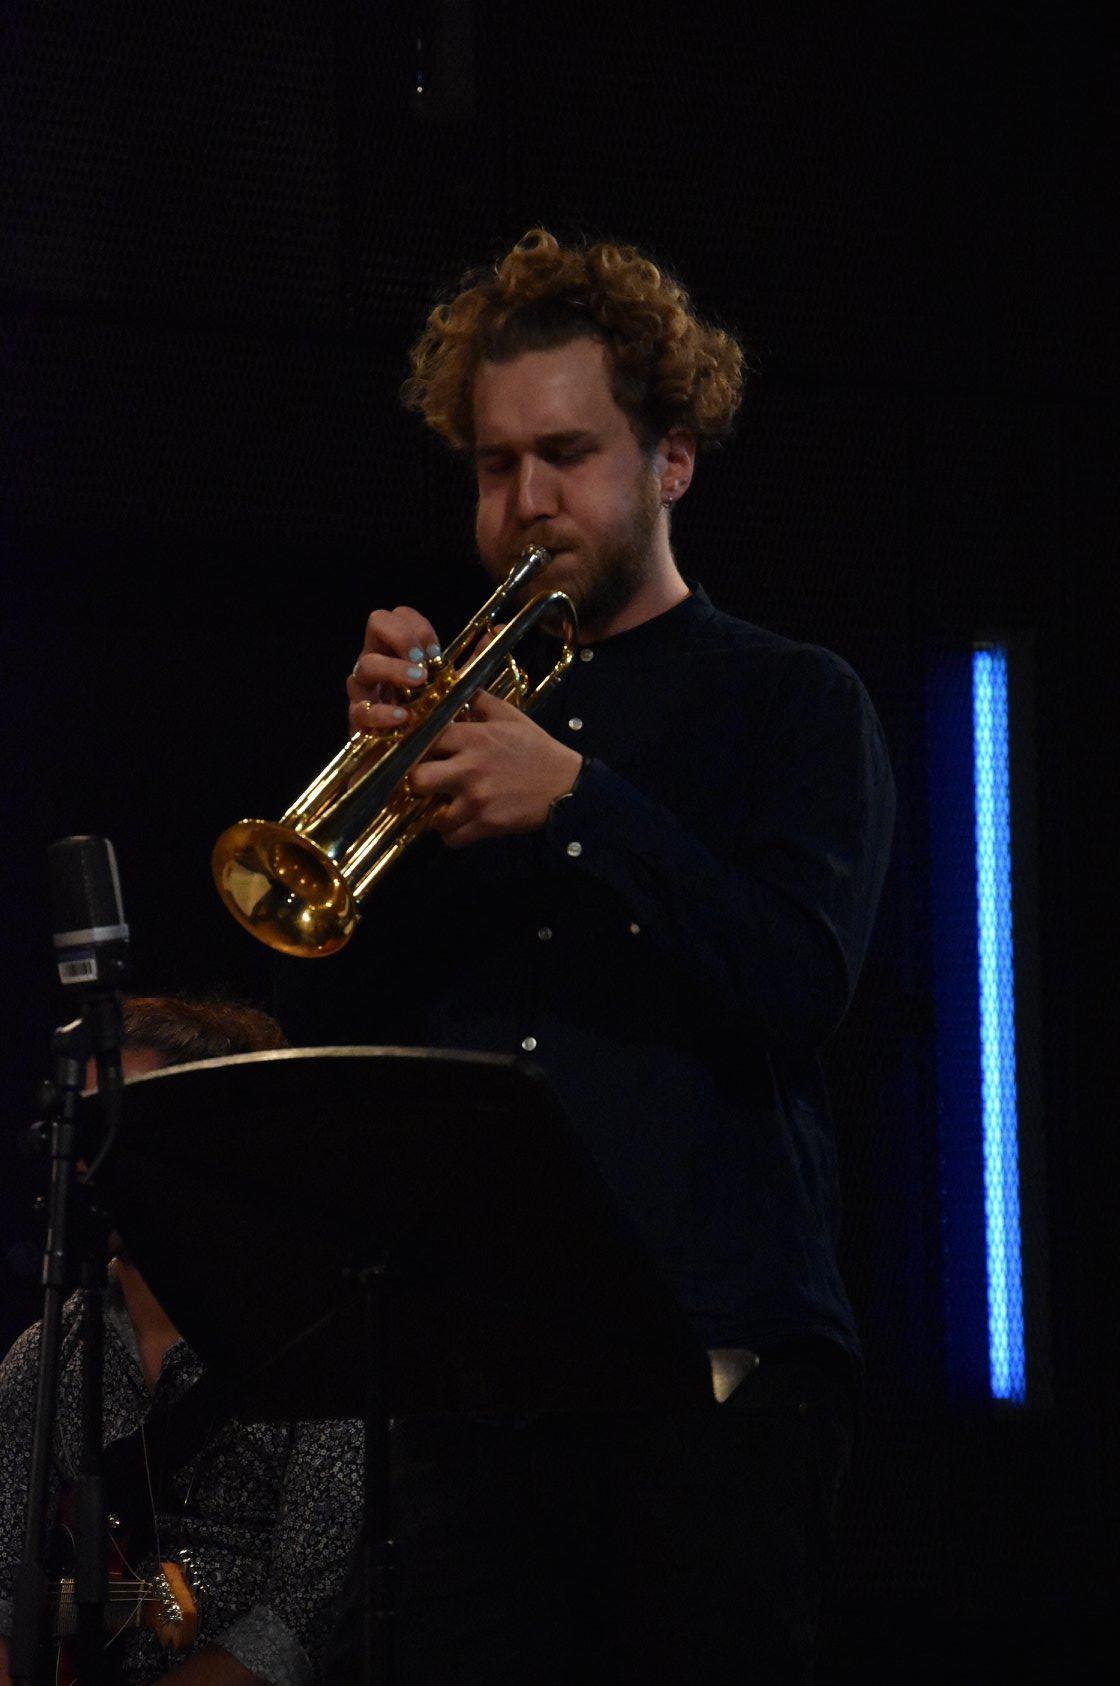 Bilet na koncert Tyge Jessen/Hein Westgaard Duo // Pracownia 17.11